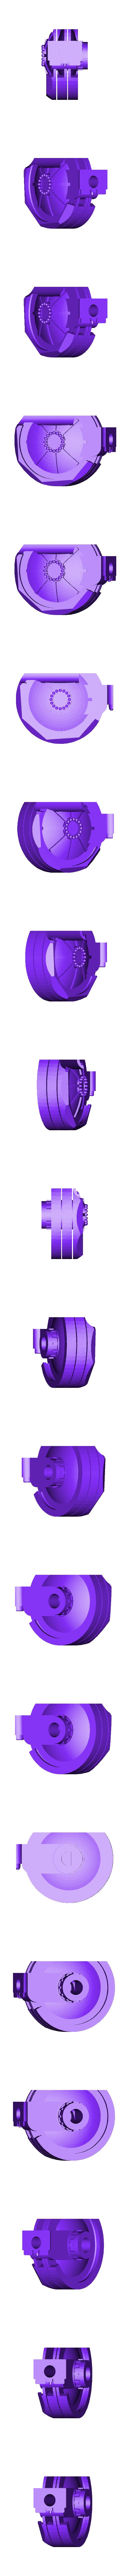 Gros_canon_affut_droit_m.STL Télécharger fichier STL gratuit STARWARS motorisés AT - AT • Plan imprimable en 3D, Rio31